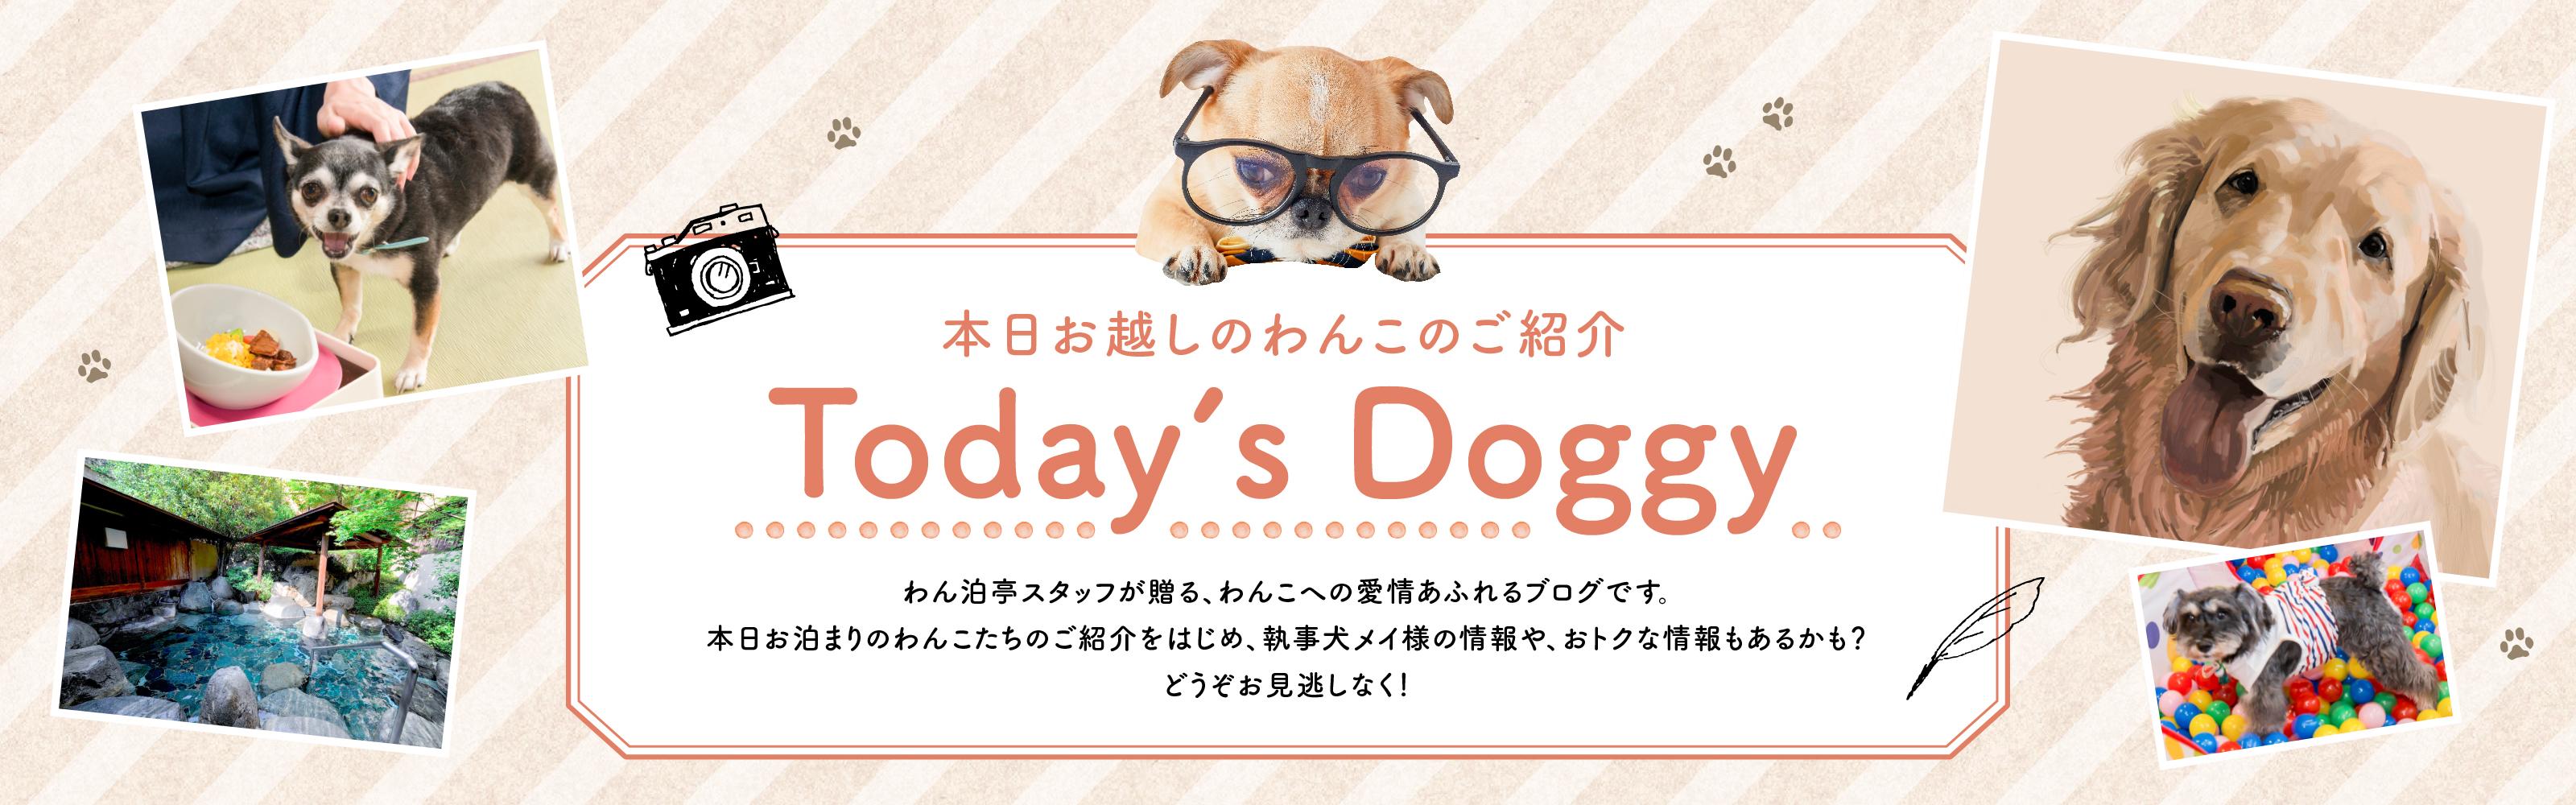 わん泊亭スタッフのToday's Doggy!